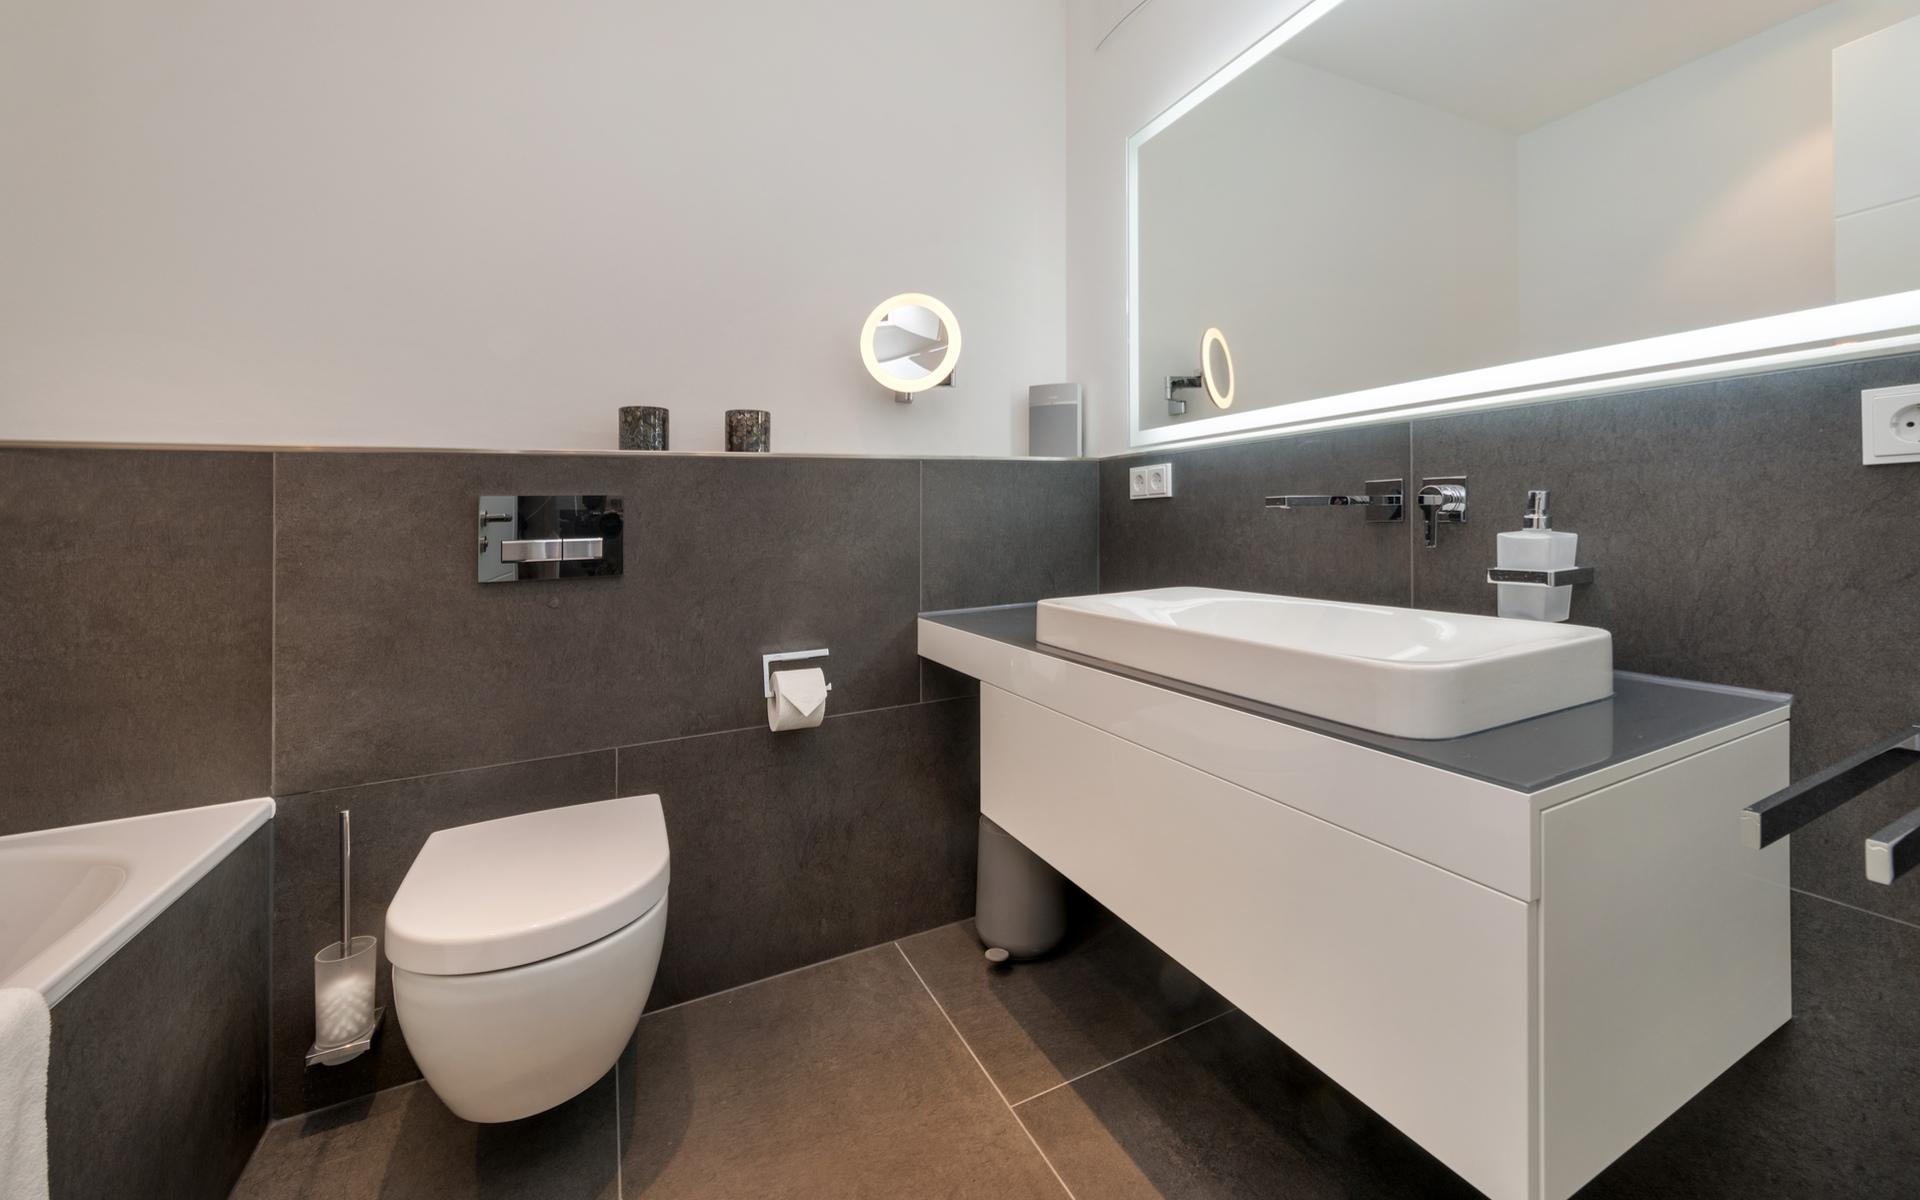 Hans G. Bock richtet auch Ferienhäuser ein: Moderne Badezimmer, die keine Wünsche offen lassen.